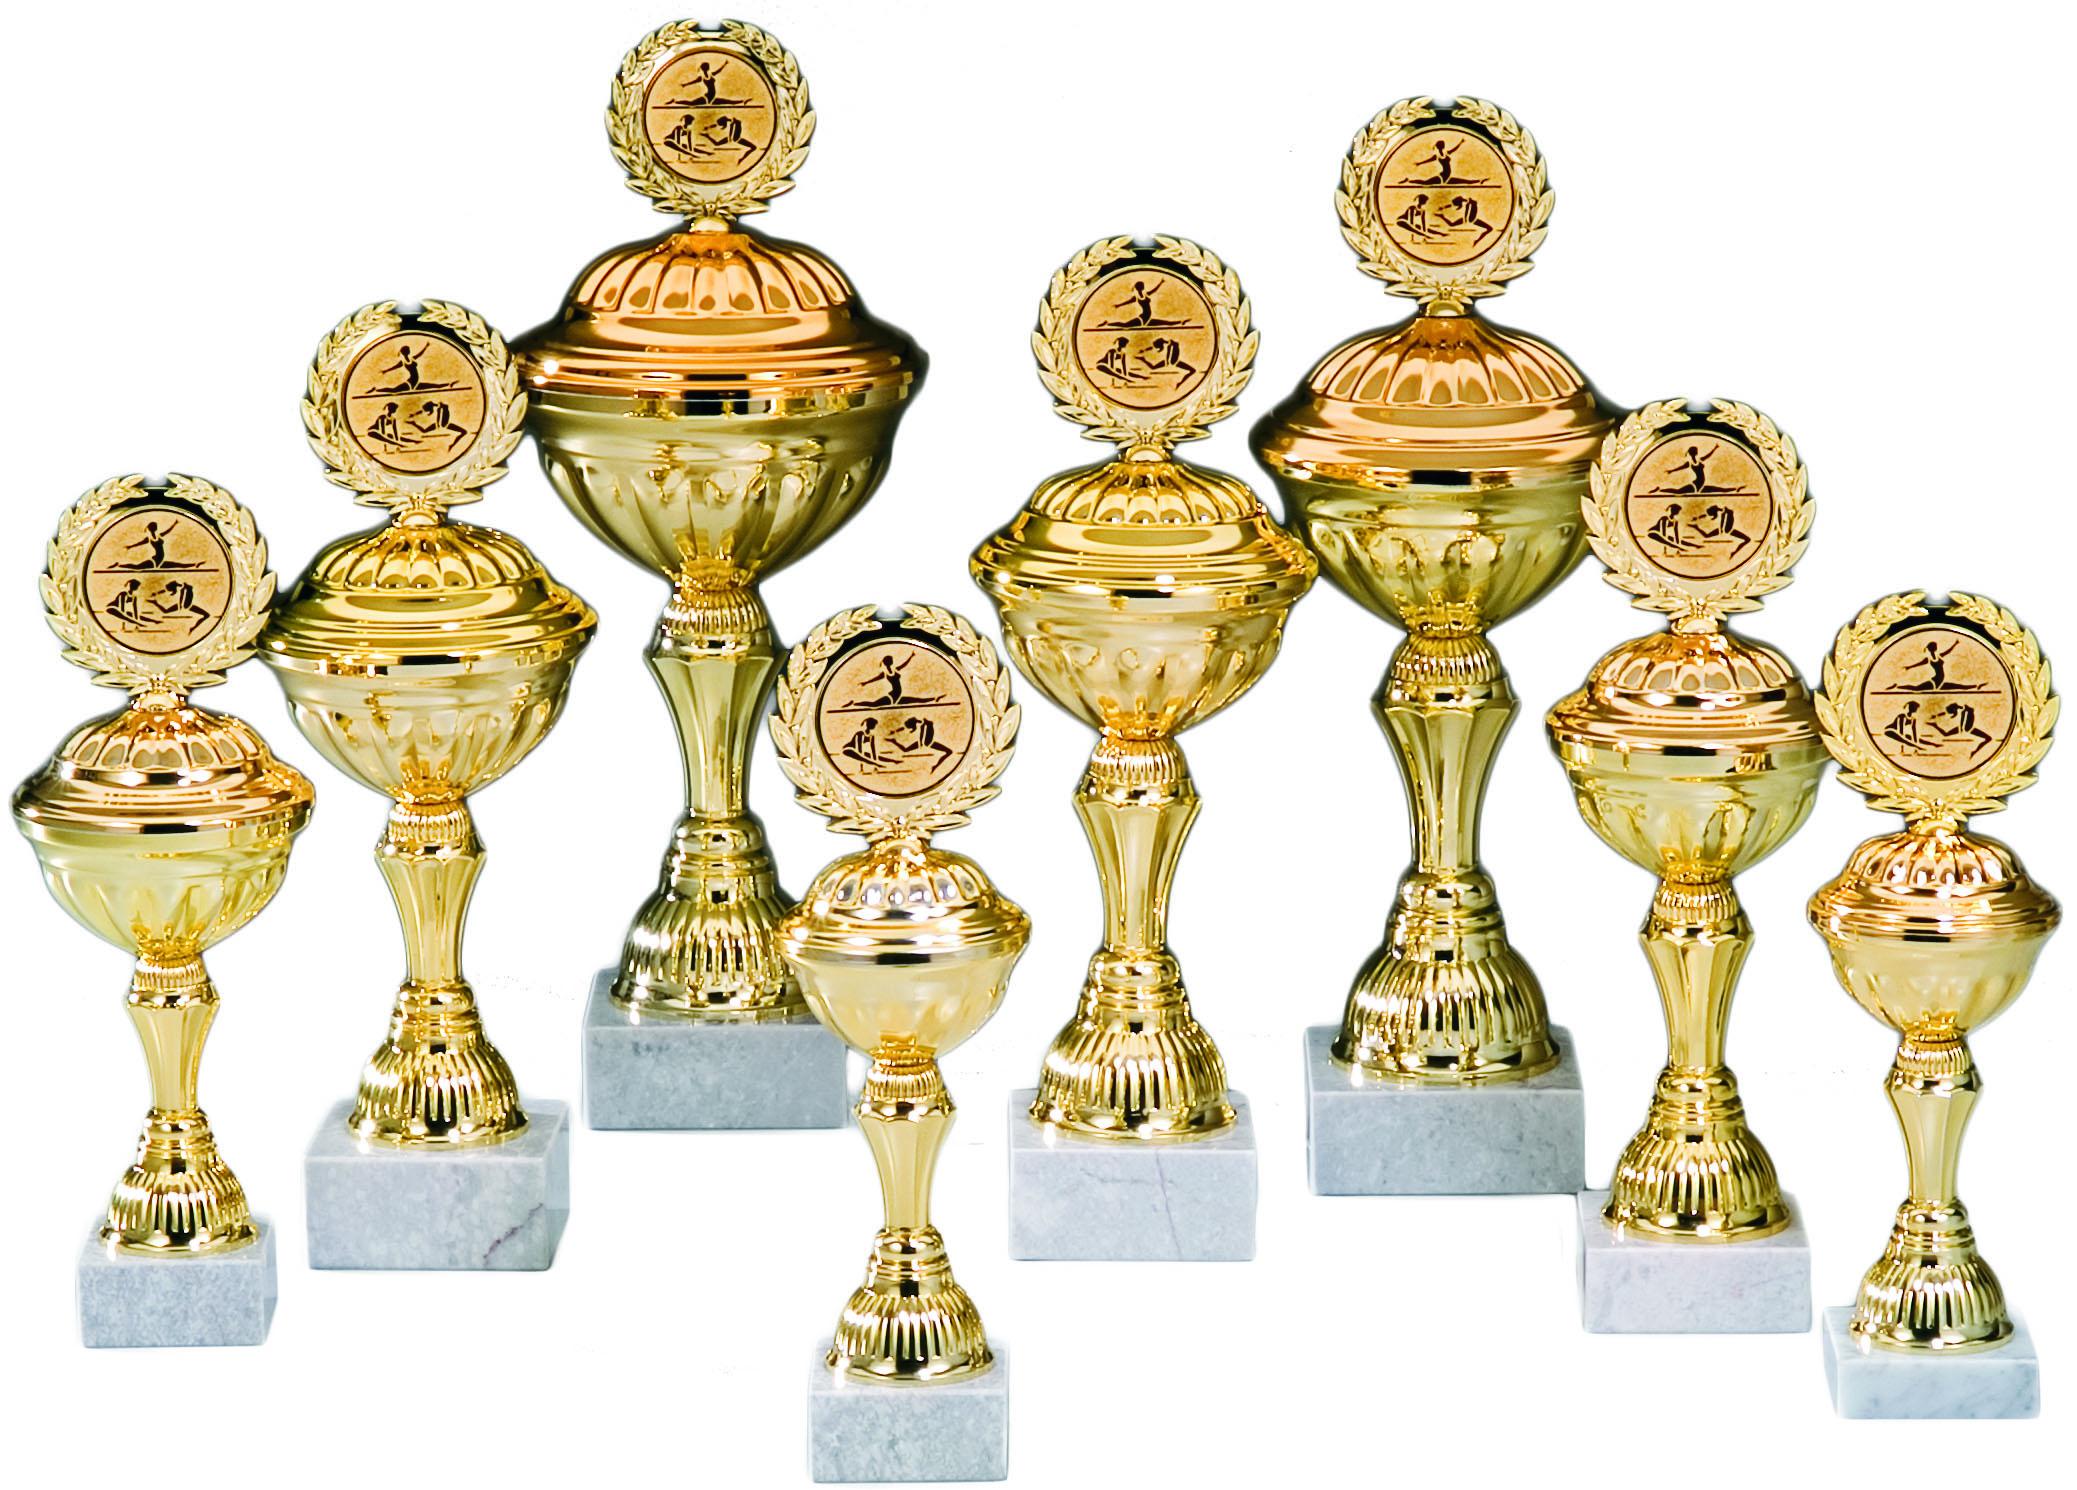 Pokale aus 8er Pokalserie: 68210 - 68217, 26,5 - 41,5 cm